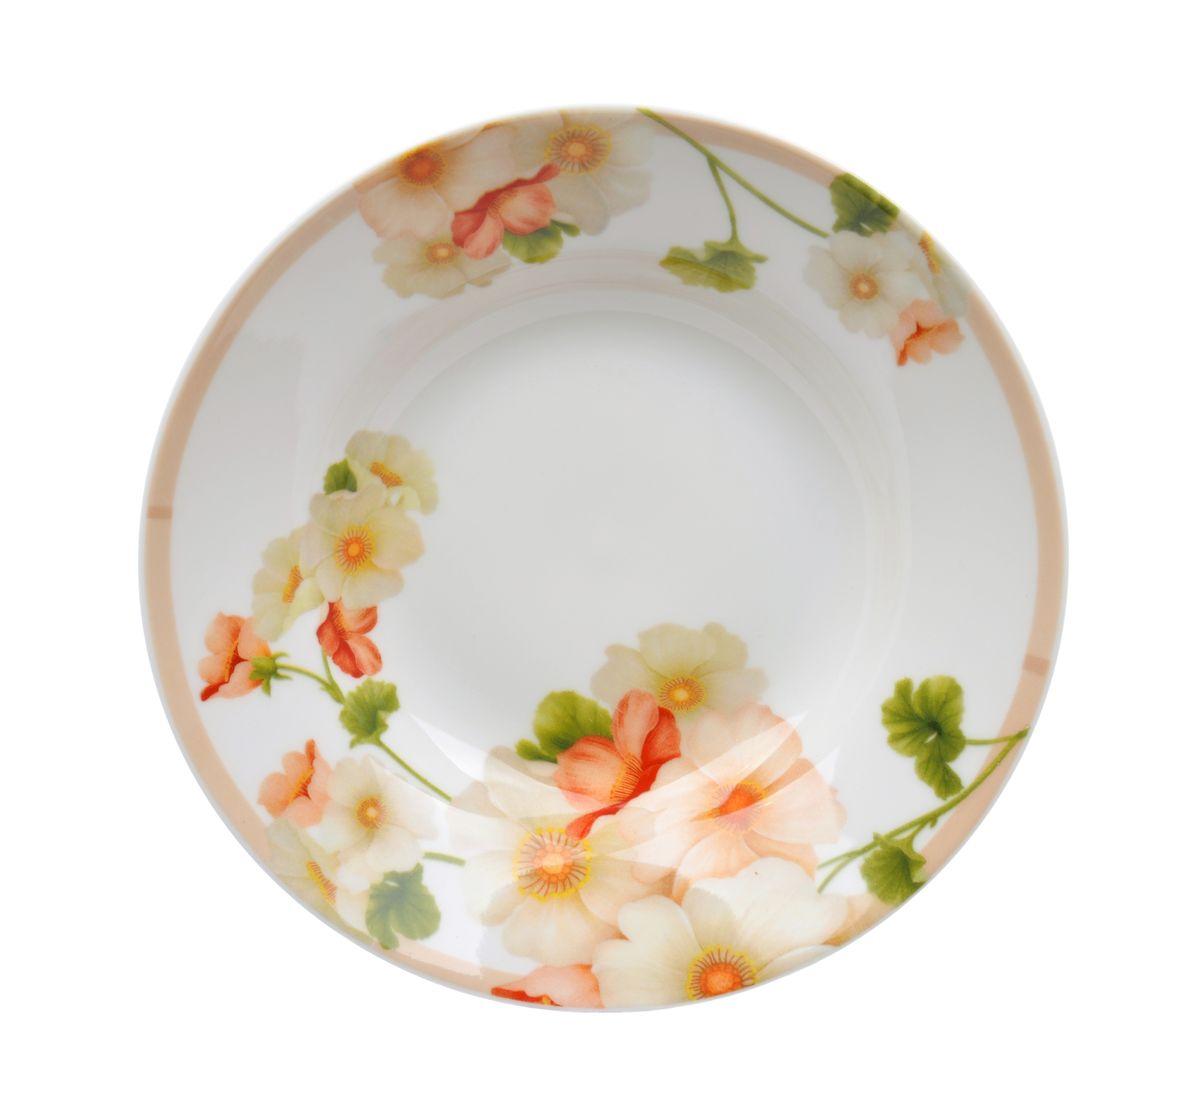 Тарелка глубокая Nanshan Pocelain Мальва, диаметр 20 смGNNSML00180Глубокая тарелка Nanshan Pocelain Мальва изготовлена из твердого фарфора и украшена изящным цветочным рисунком. При изготовлении посуды применяются подглазурные деколи, что защищает рисунок от истирания и продлевает срок эксплуатации посуды. Посуда безопасна для здоровья и окружающей среды, не содержит свинец и кадмий. Пригодна для использования в СВЧ и посудомоечной машине.